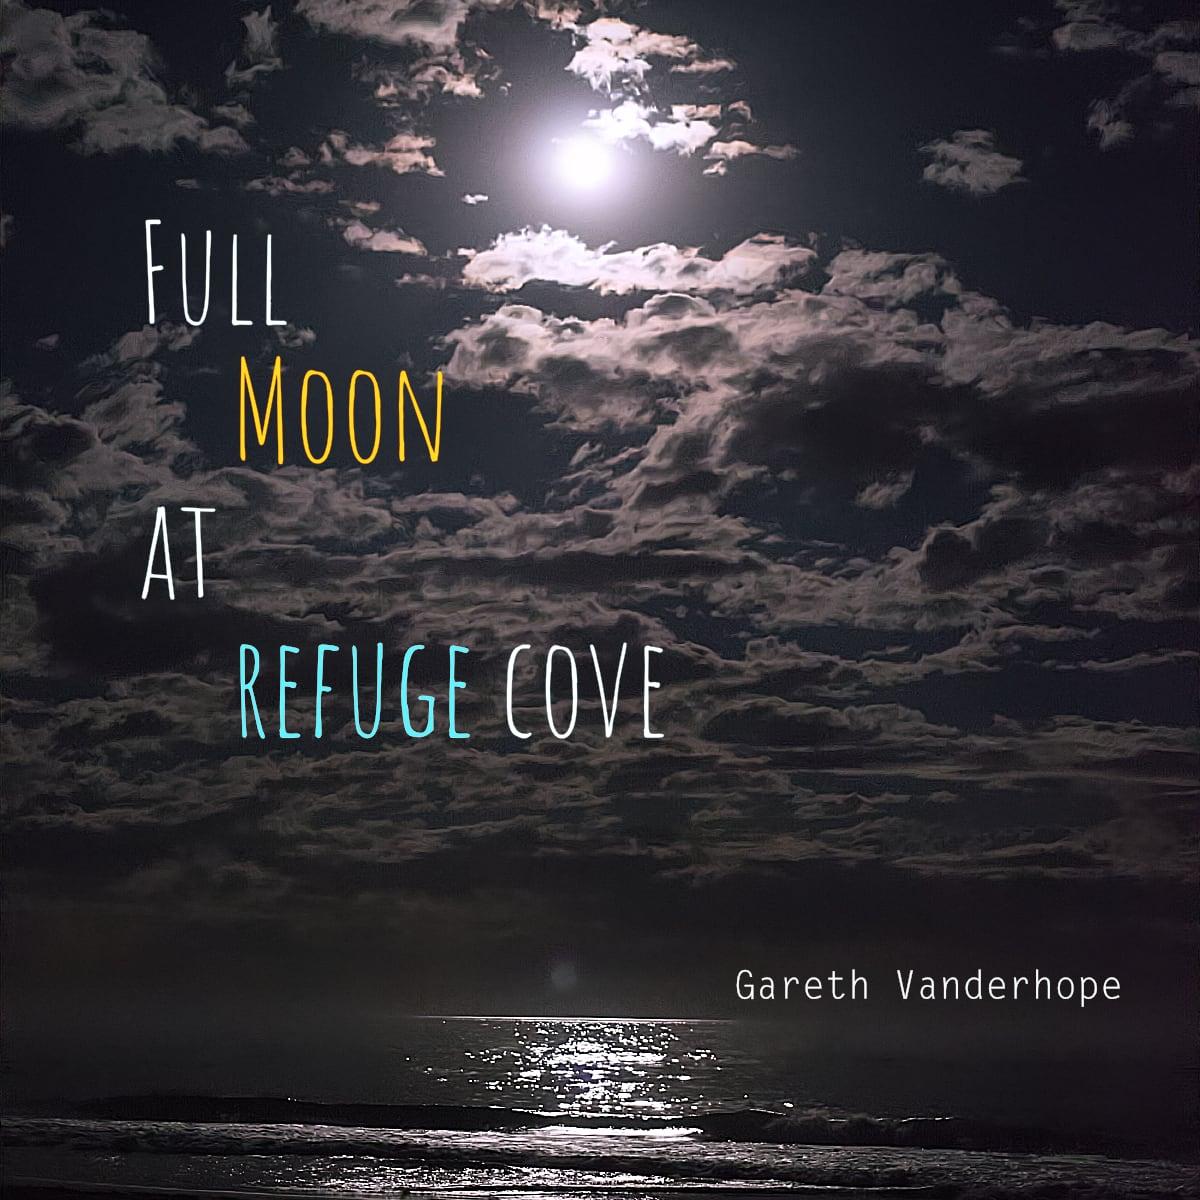 Full Moon at Refuge Cove